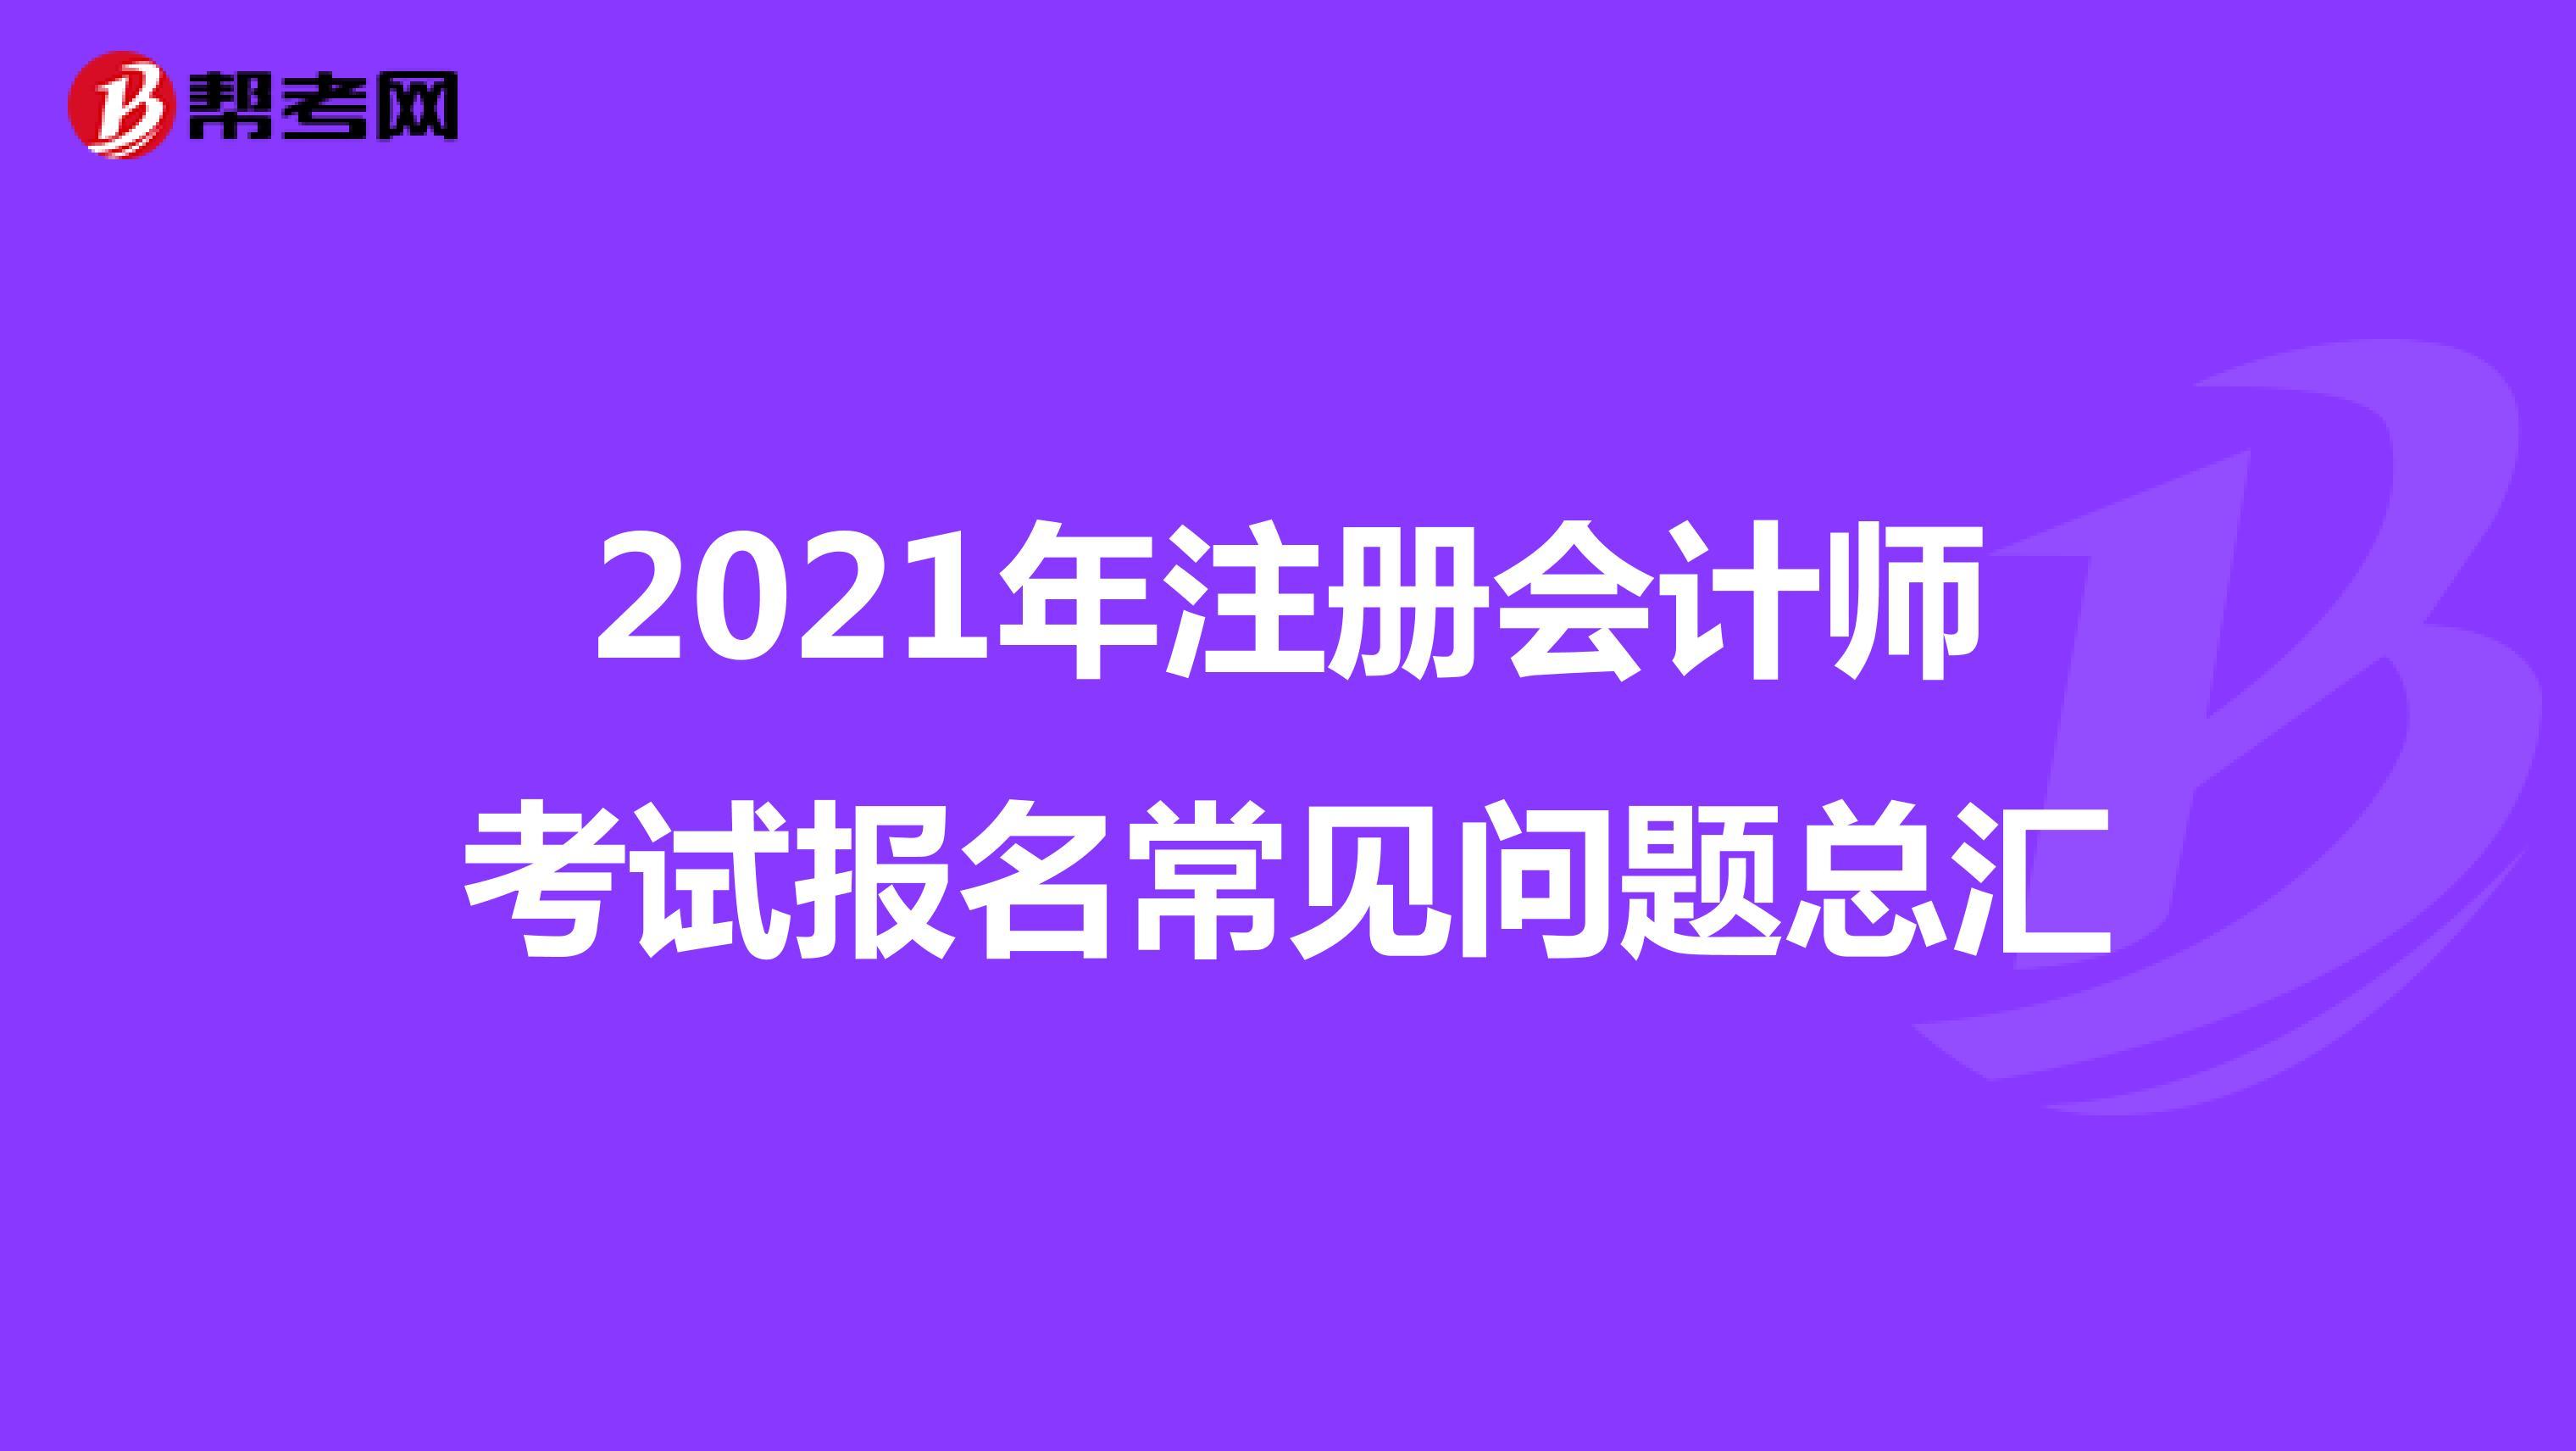 2021年【hot88热竞技提款】注册会计师考试报名常见问题总汇